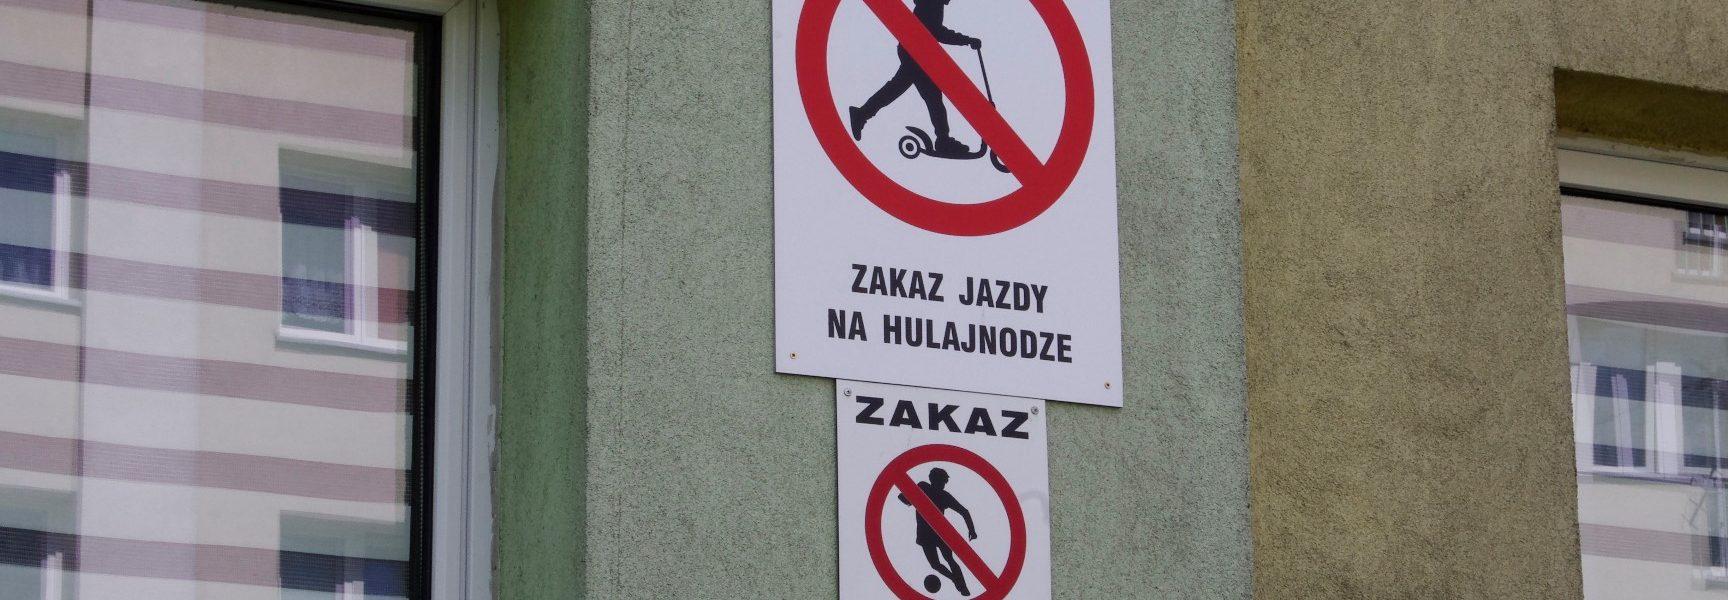 zakaz dla hulajnogi